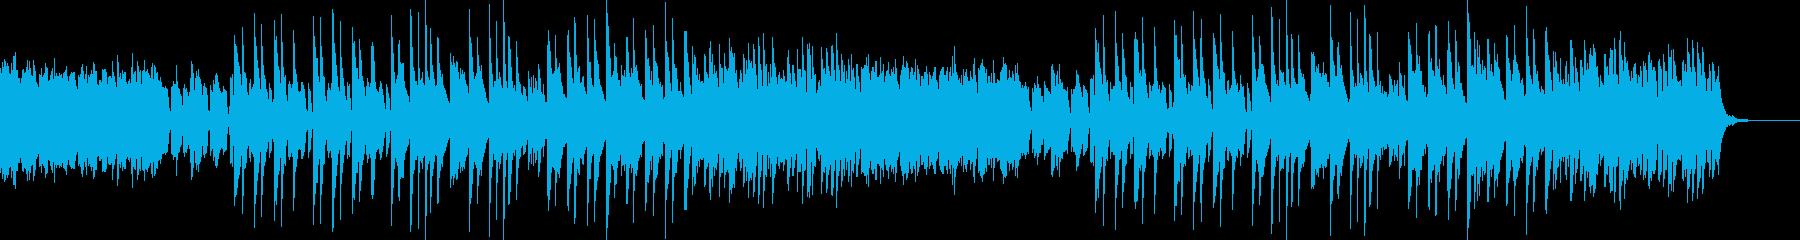 不気味な和風のピアノ曲の再生済みの波形